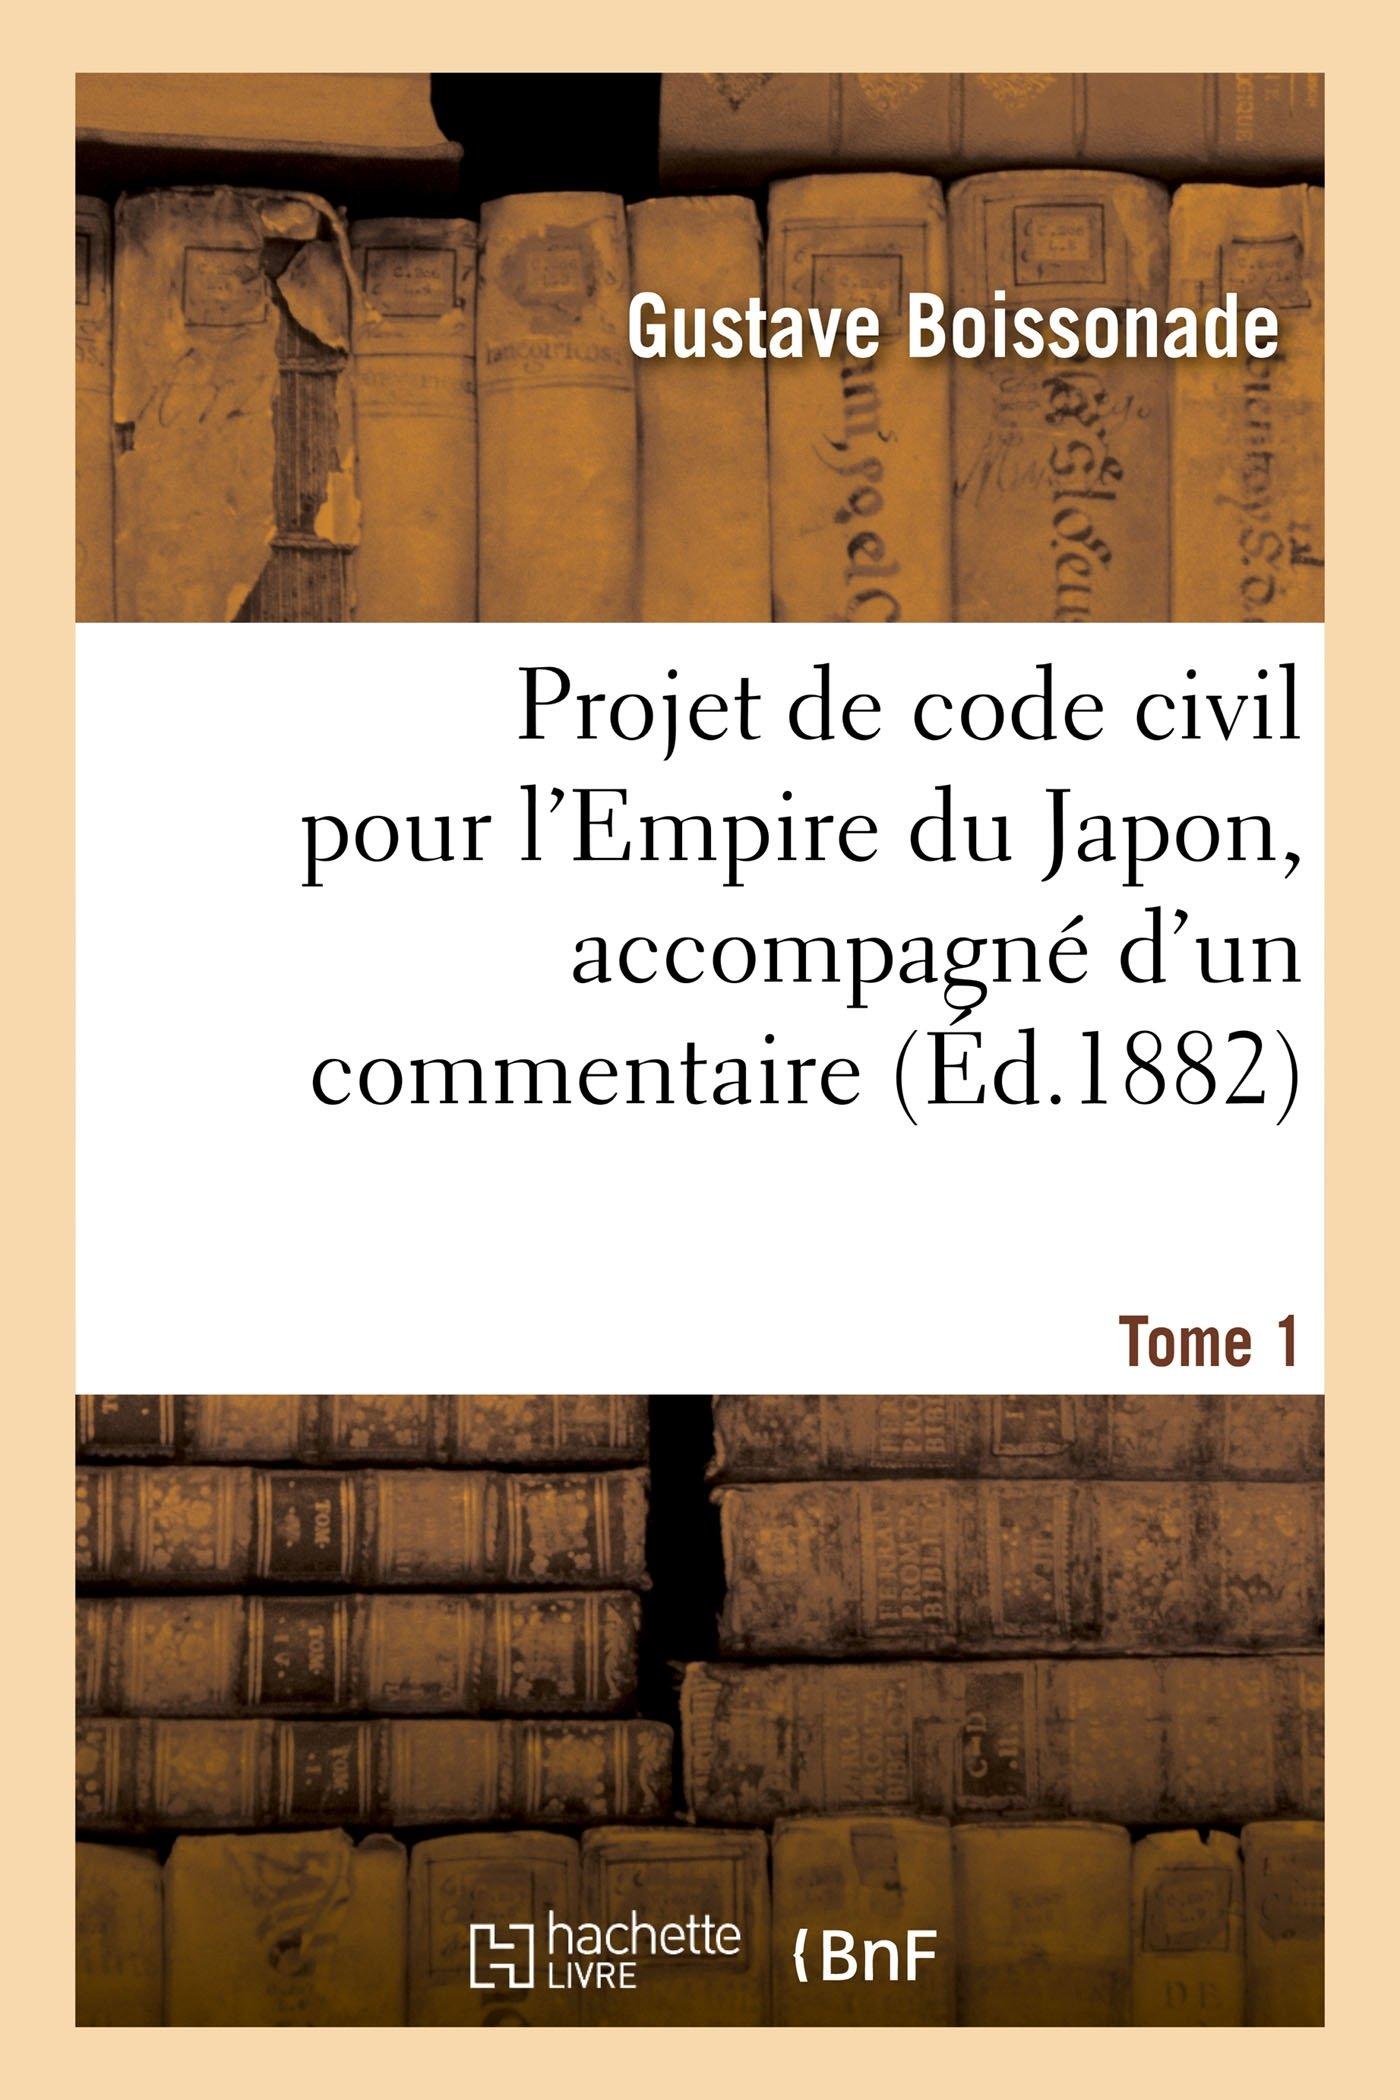 Projet de code civil pour l'Empire du Japon, accompagné d'un commentaire. Tome 1 Broché – 1 juin 2016 Gustave Boissonade Hachette Livre BNF 2013744552 Droit général